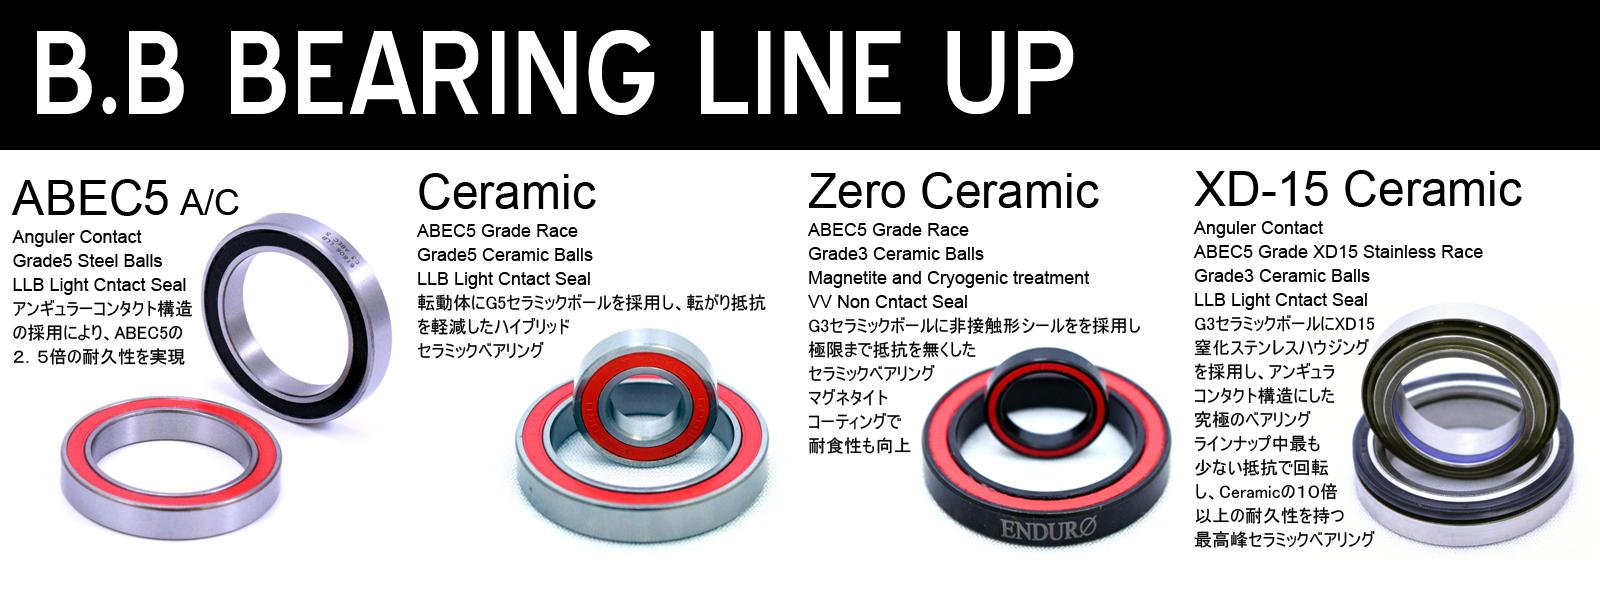 Enduro Zero Ceramic Grade 3 6802